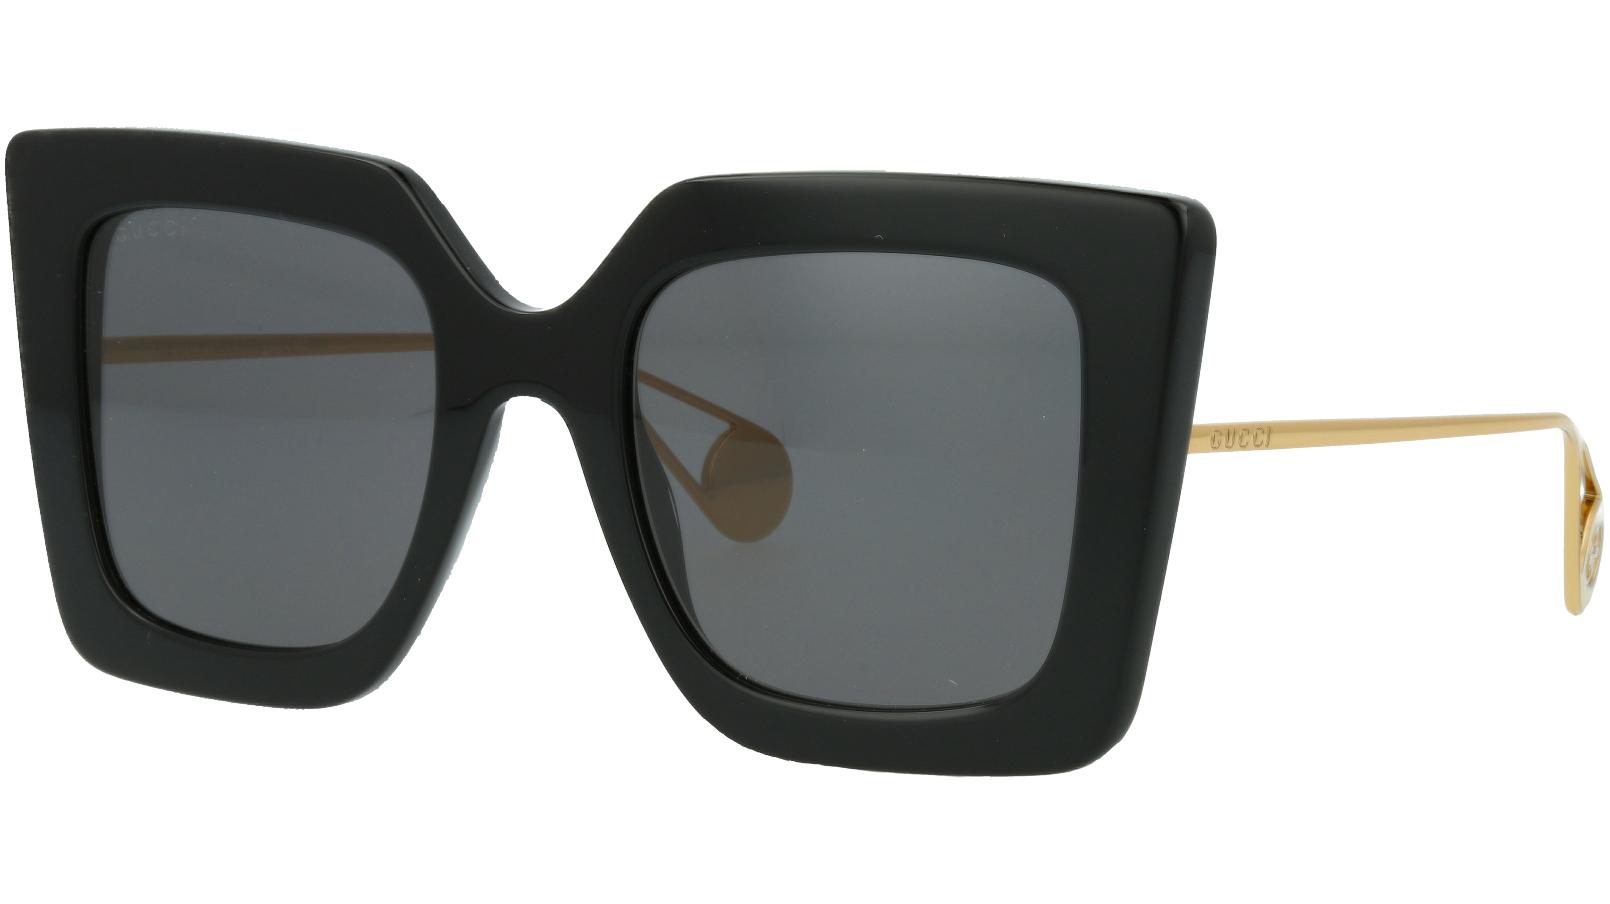 Gucci GG0435S 001 51 BLACK Sunglasses